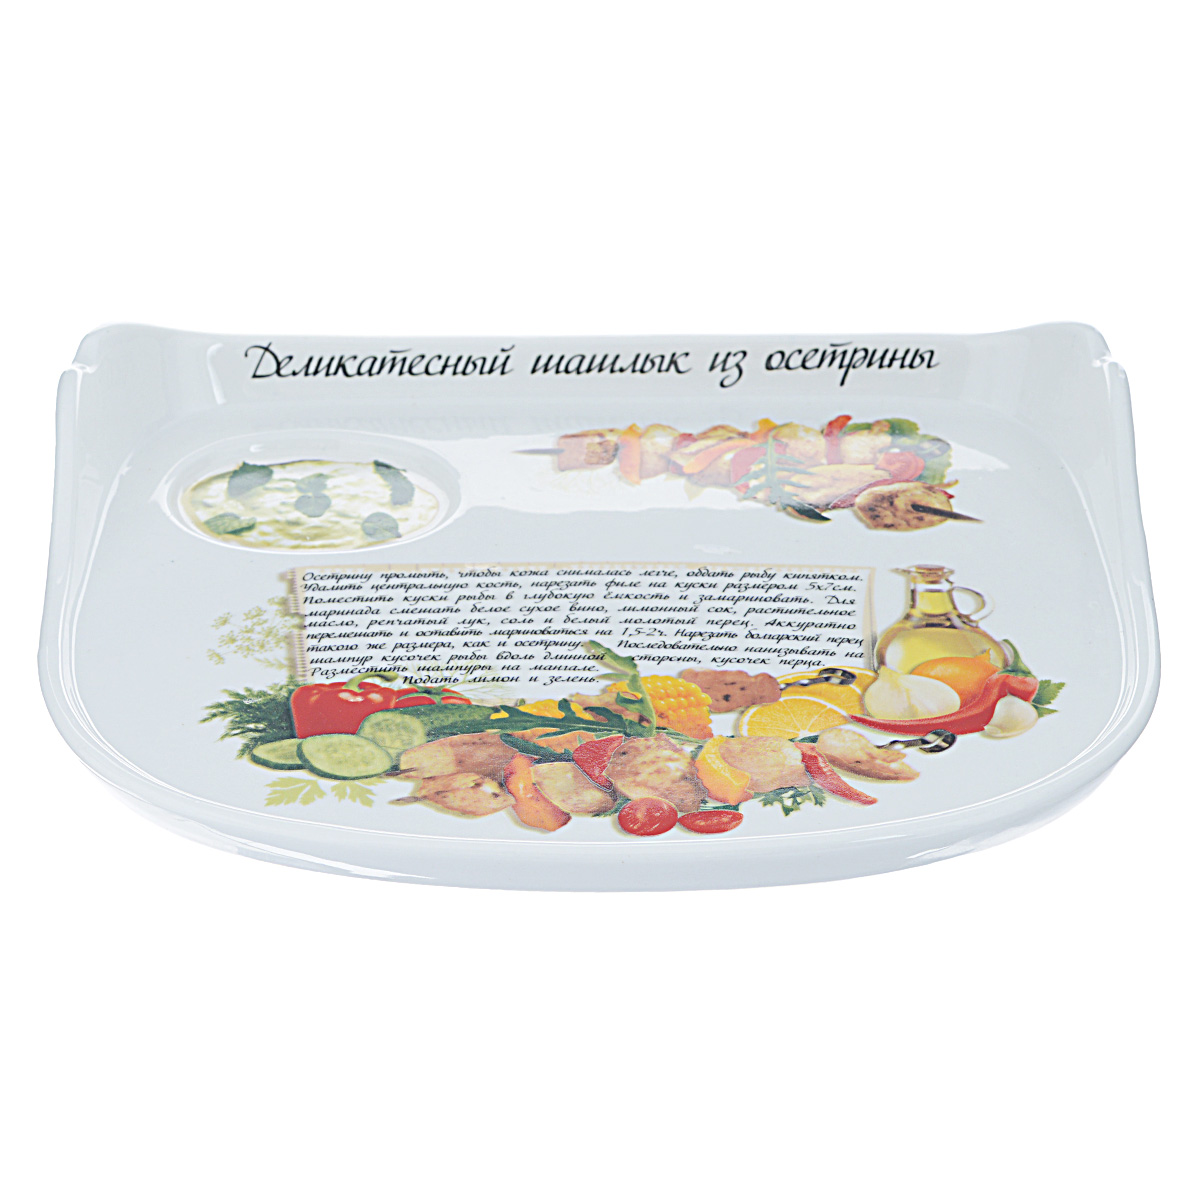 Блюдо LarangE Деликатесный шашлык из осетрины, цвет: белый, 24,5 см х 19,5 см10352BБлюдо LarangE Деликатесный шашлык из осетрины, выполненное из высококачественной керамики, предназначено для красивой сервировки шашлыка. Блюдо оснащено удобными ручками и специальным отверстием под соус. Блюдо декорировано надписью Деликатесный шашлык из осетрины и его изображением. Кроме того, для упрощения процесса приготовления прямо на блюде написан рецепт и нарисованы необходимые продукты.Блюдо LarangE Деликатесный шашлык из осетрины украсит ваш праздничный стол, а оригинальное исполнение понравится любой хозяйке. Размер блюда: 24,5 см х 19,5 см х 1 см.